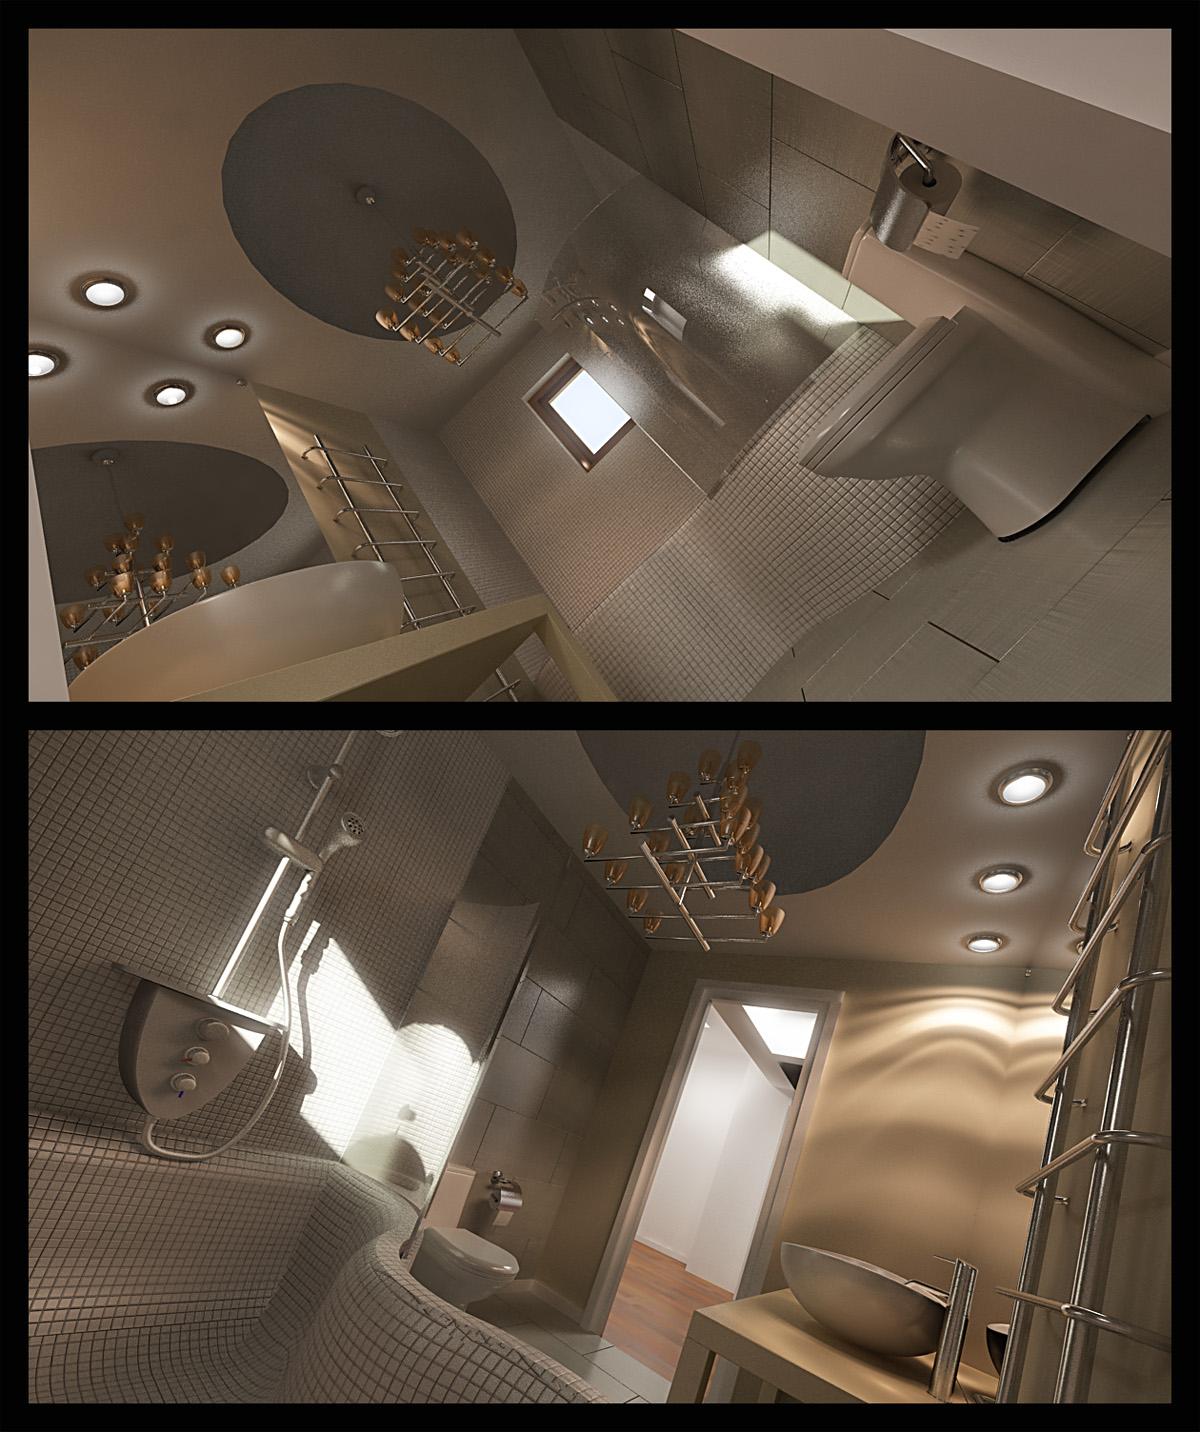 http://fc05.deviantart.com/fs16/f/2007/135/a/6/Bathroom_Chalandri_by_voodoq.jpg